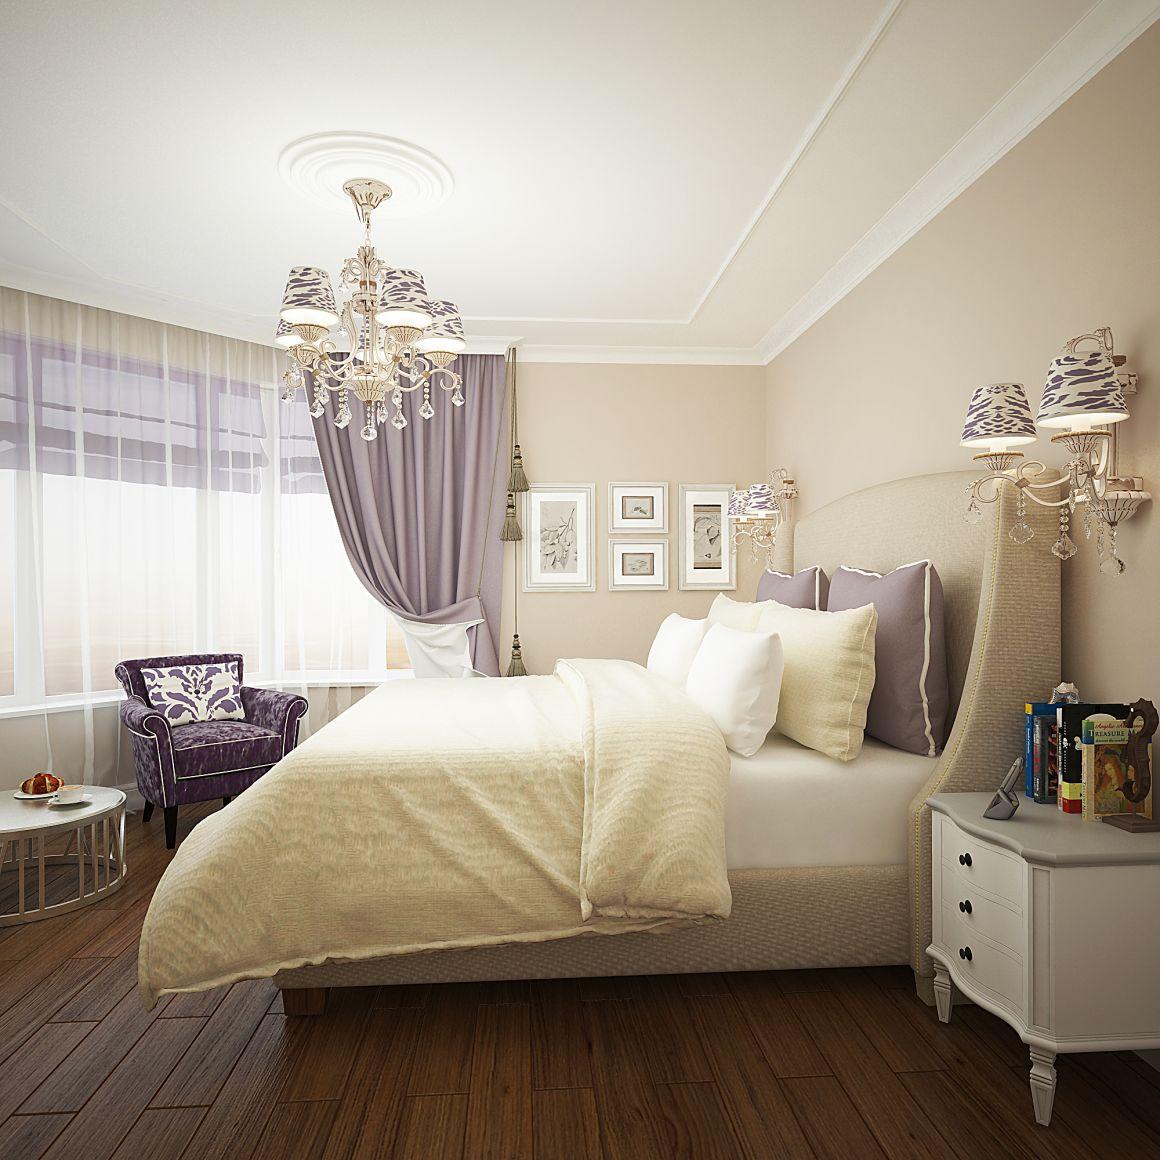 Дизайн проект двухкомнатной квартиры для семьи из 2-х человек